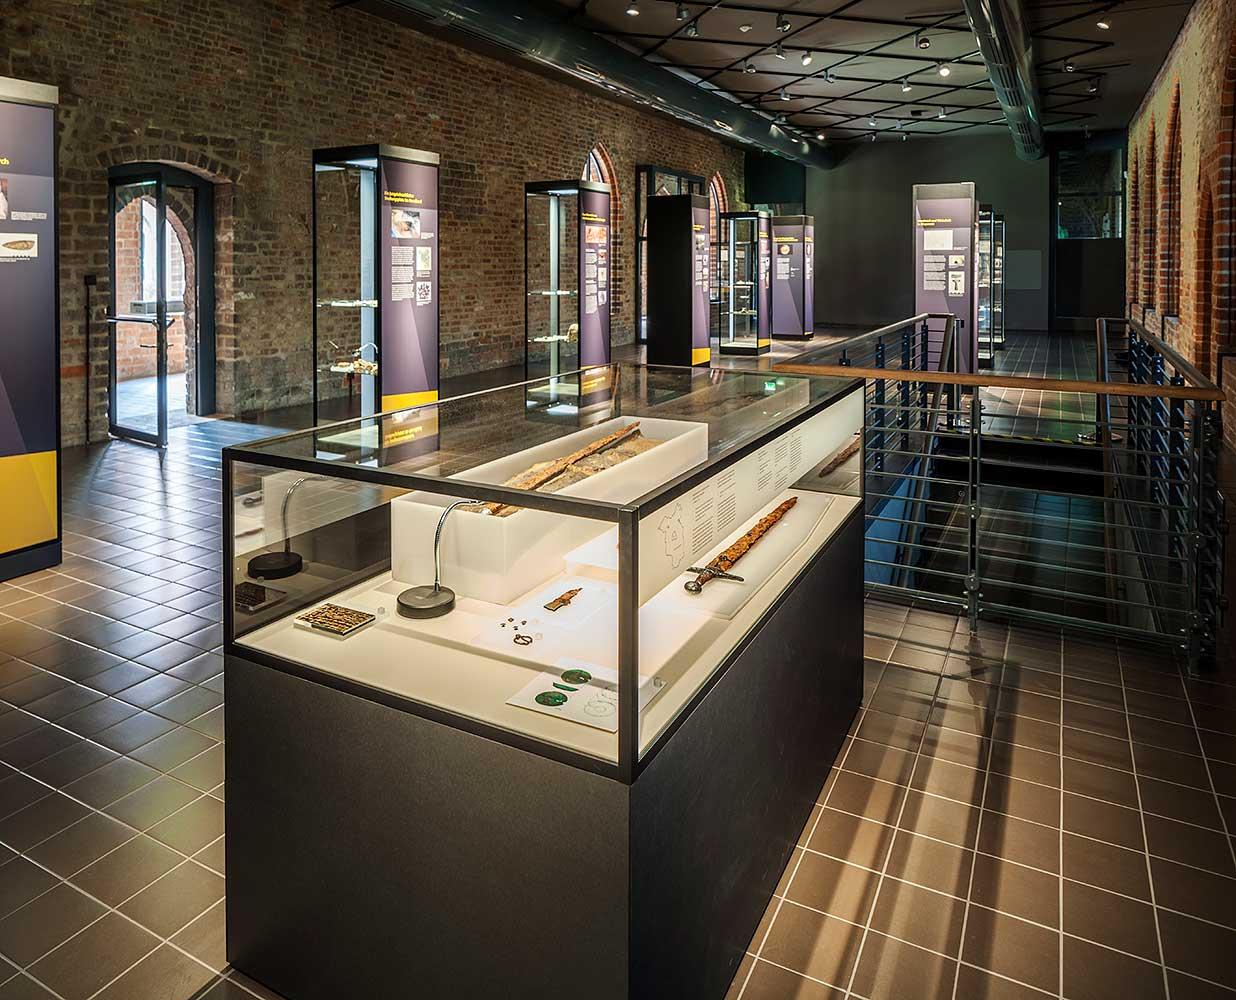 """Archäologisches Landesmuseum Brandenburg, """"Zeugen der Vergangenheit"""", Brandenburg an der Havel"""